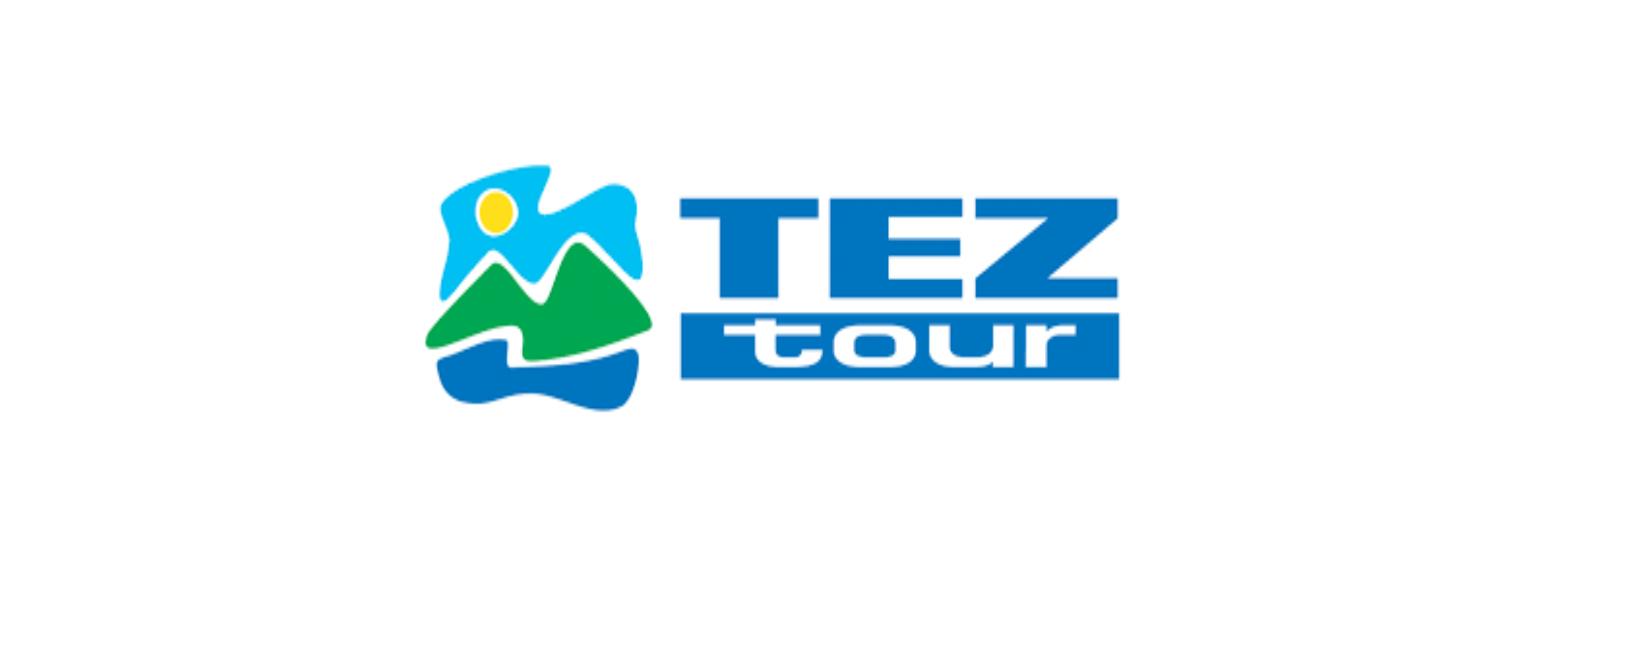 Tez Tour Discount Code 2021